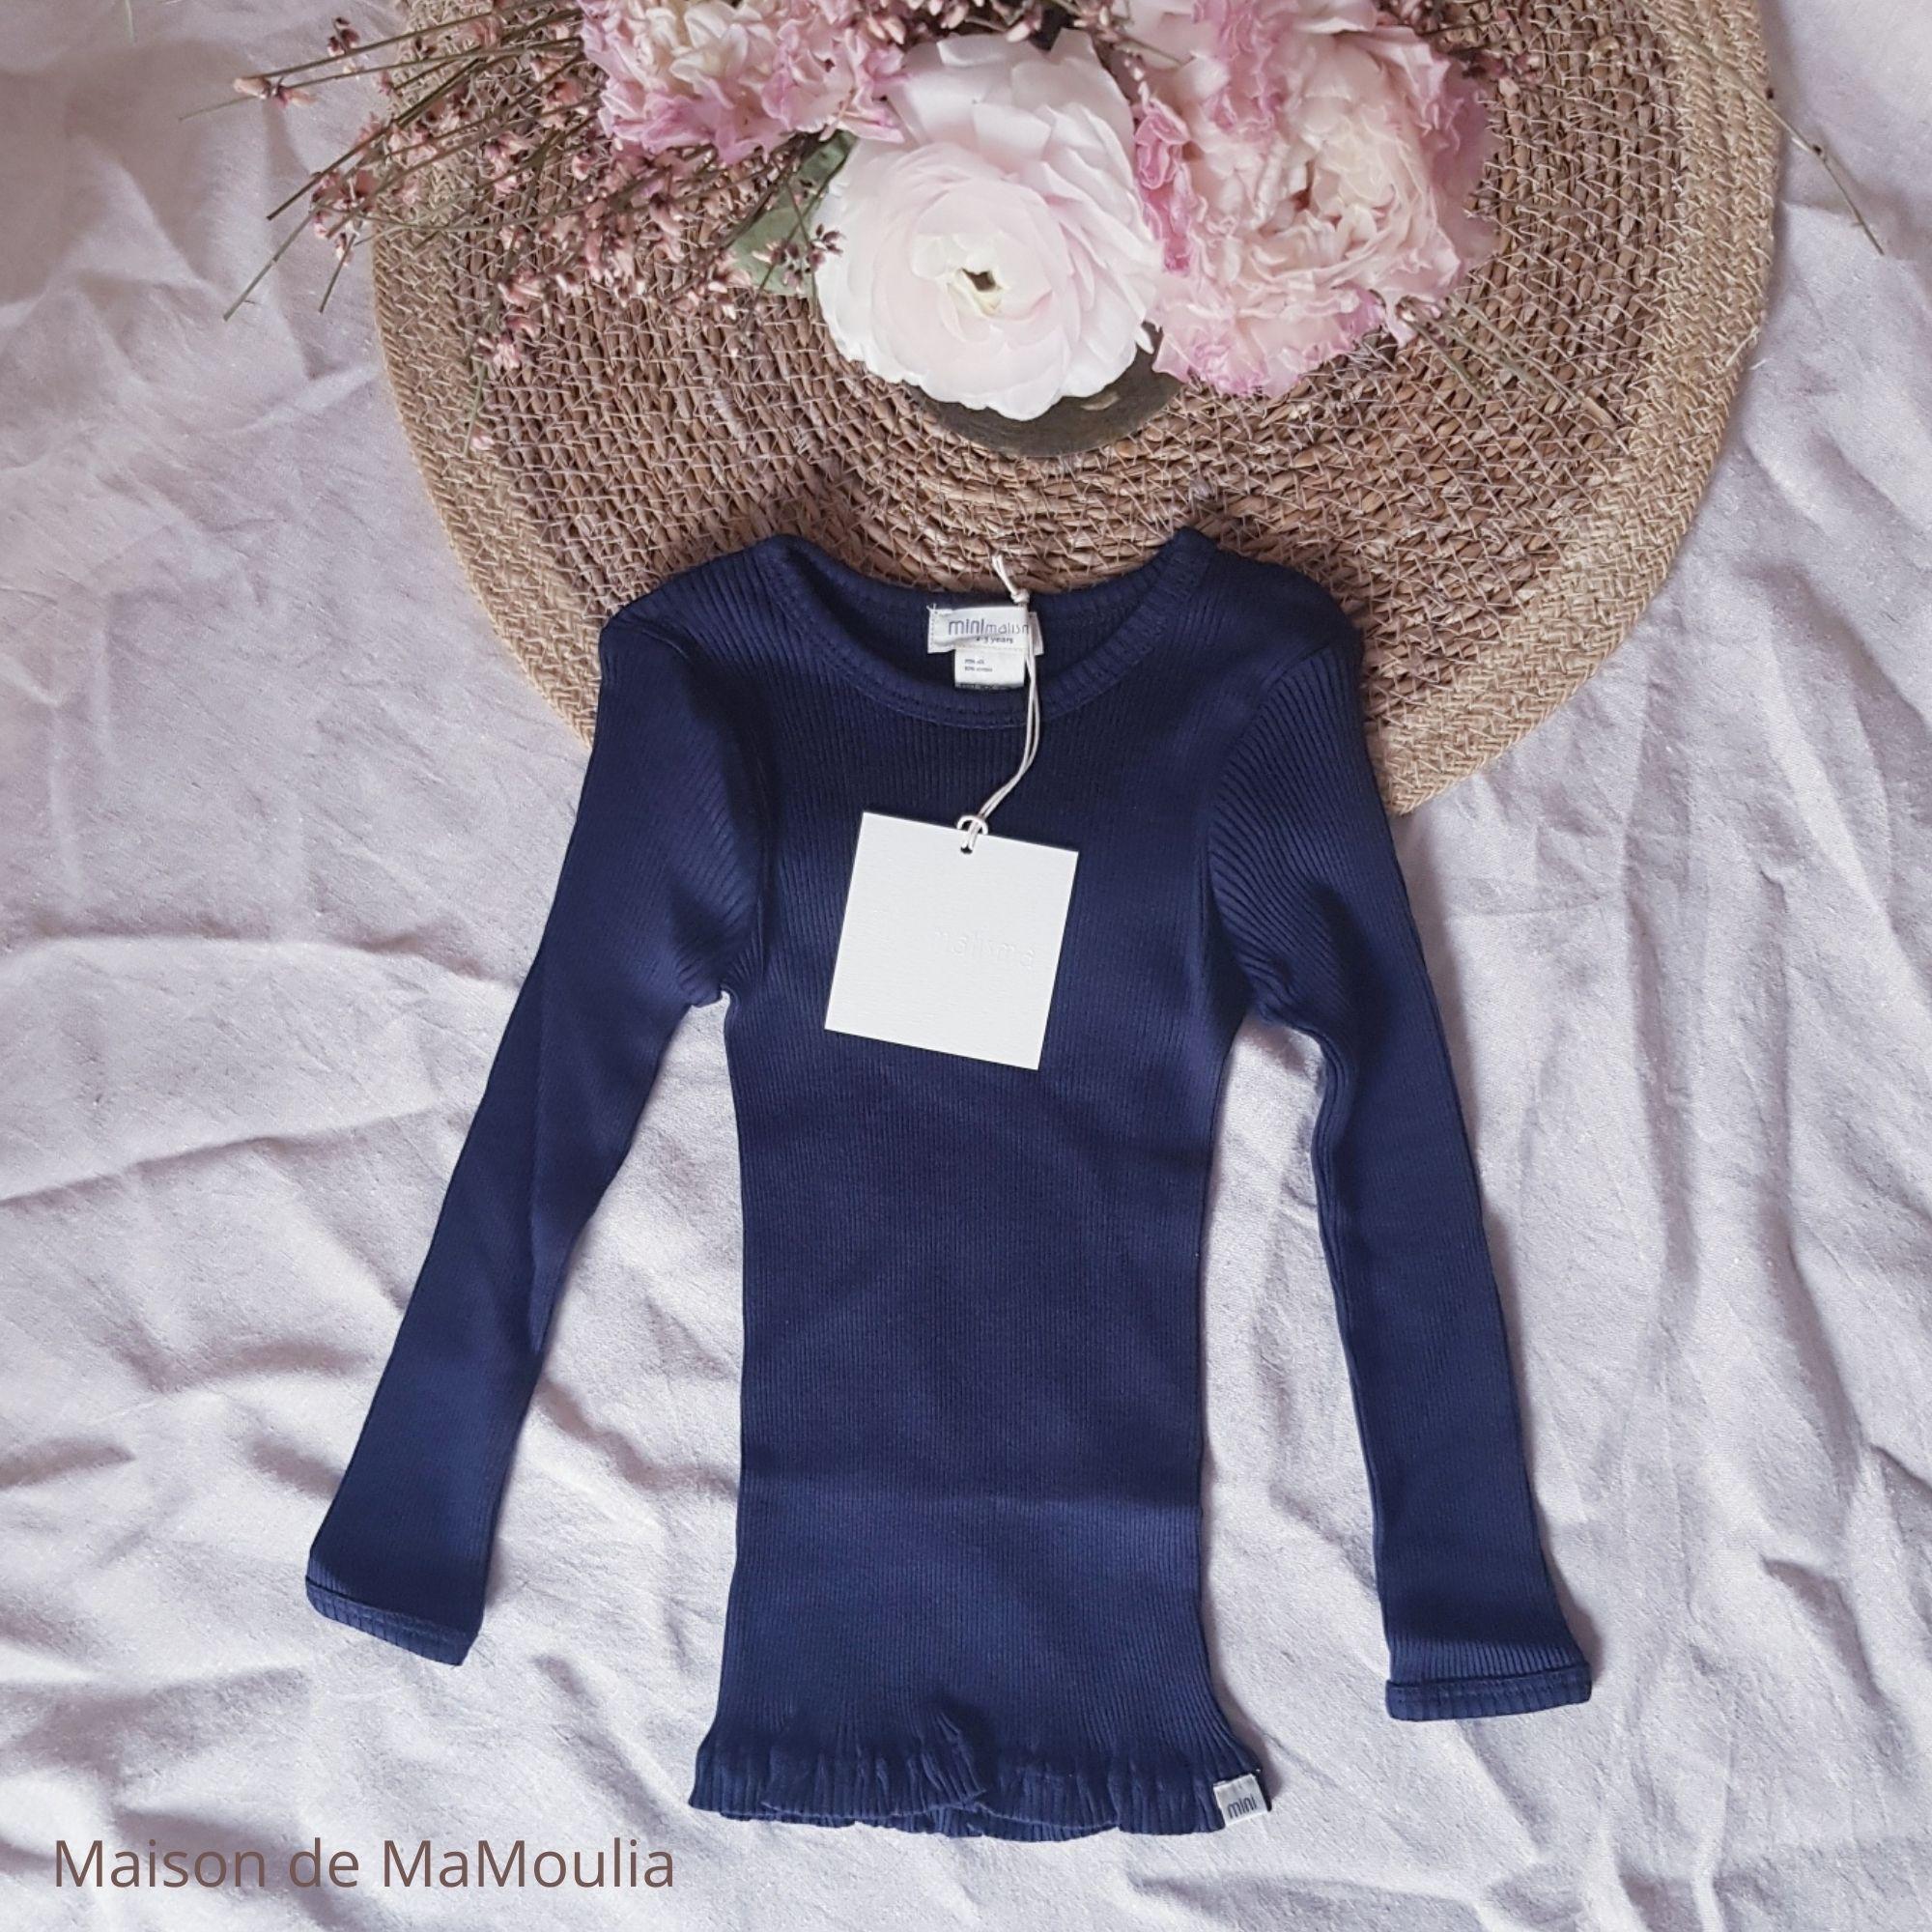 MINIMALISMA - T-shirt enfant - Soie 70% / coton 30% - Bergen - Dark blue